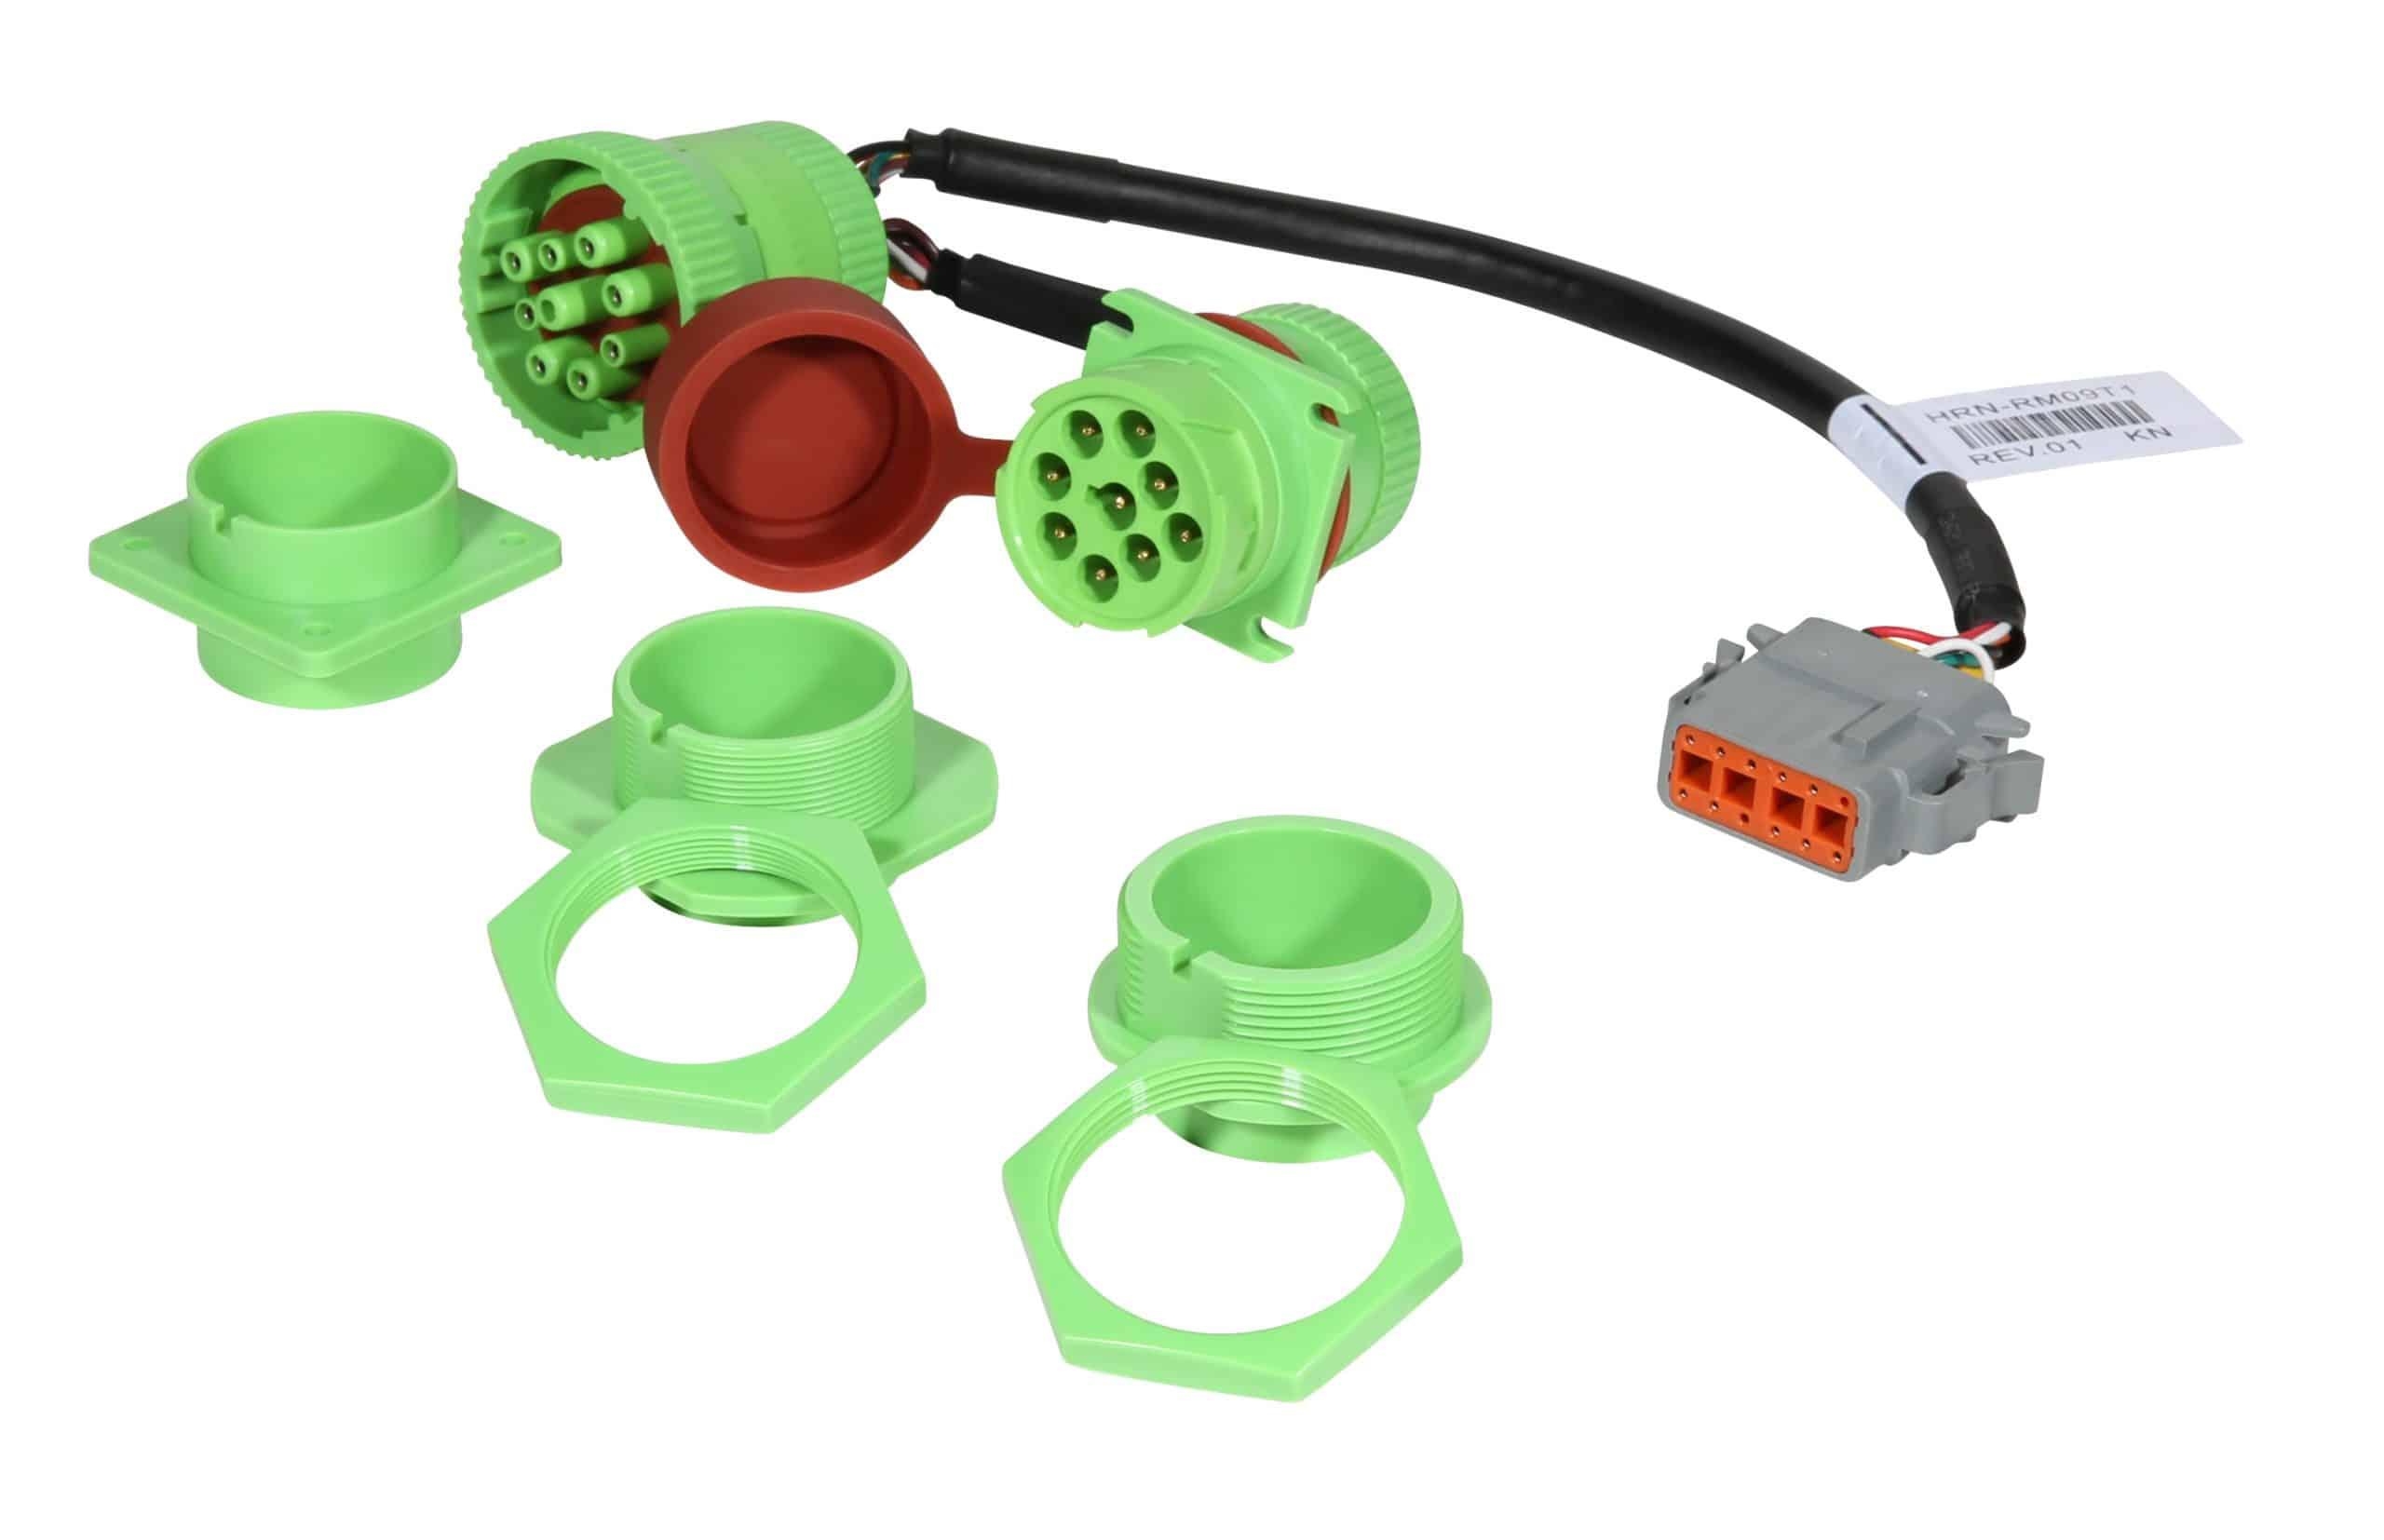 Bild: Geotab HRN-GR09K1 Kabelbaum Adapter robuster T-Kabelbaumsatz (IP67) für GO 9 RUGGED